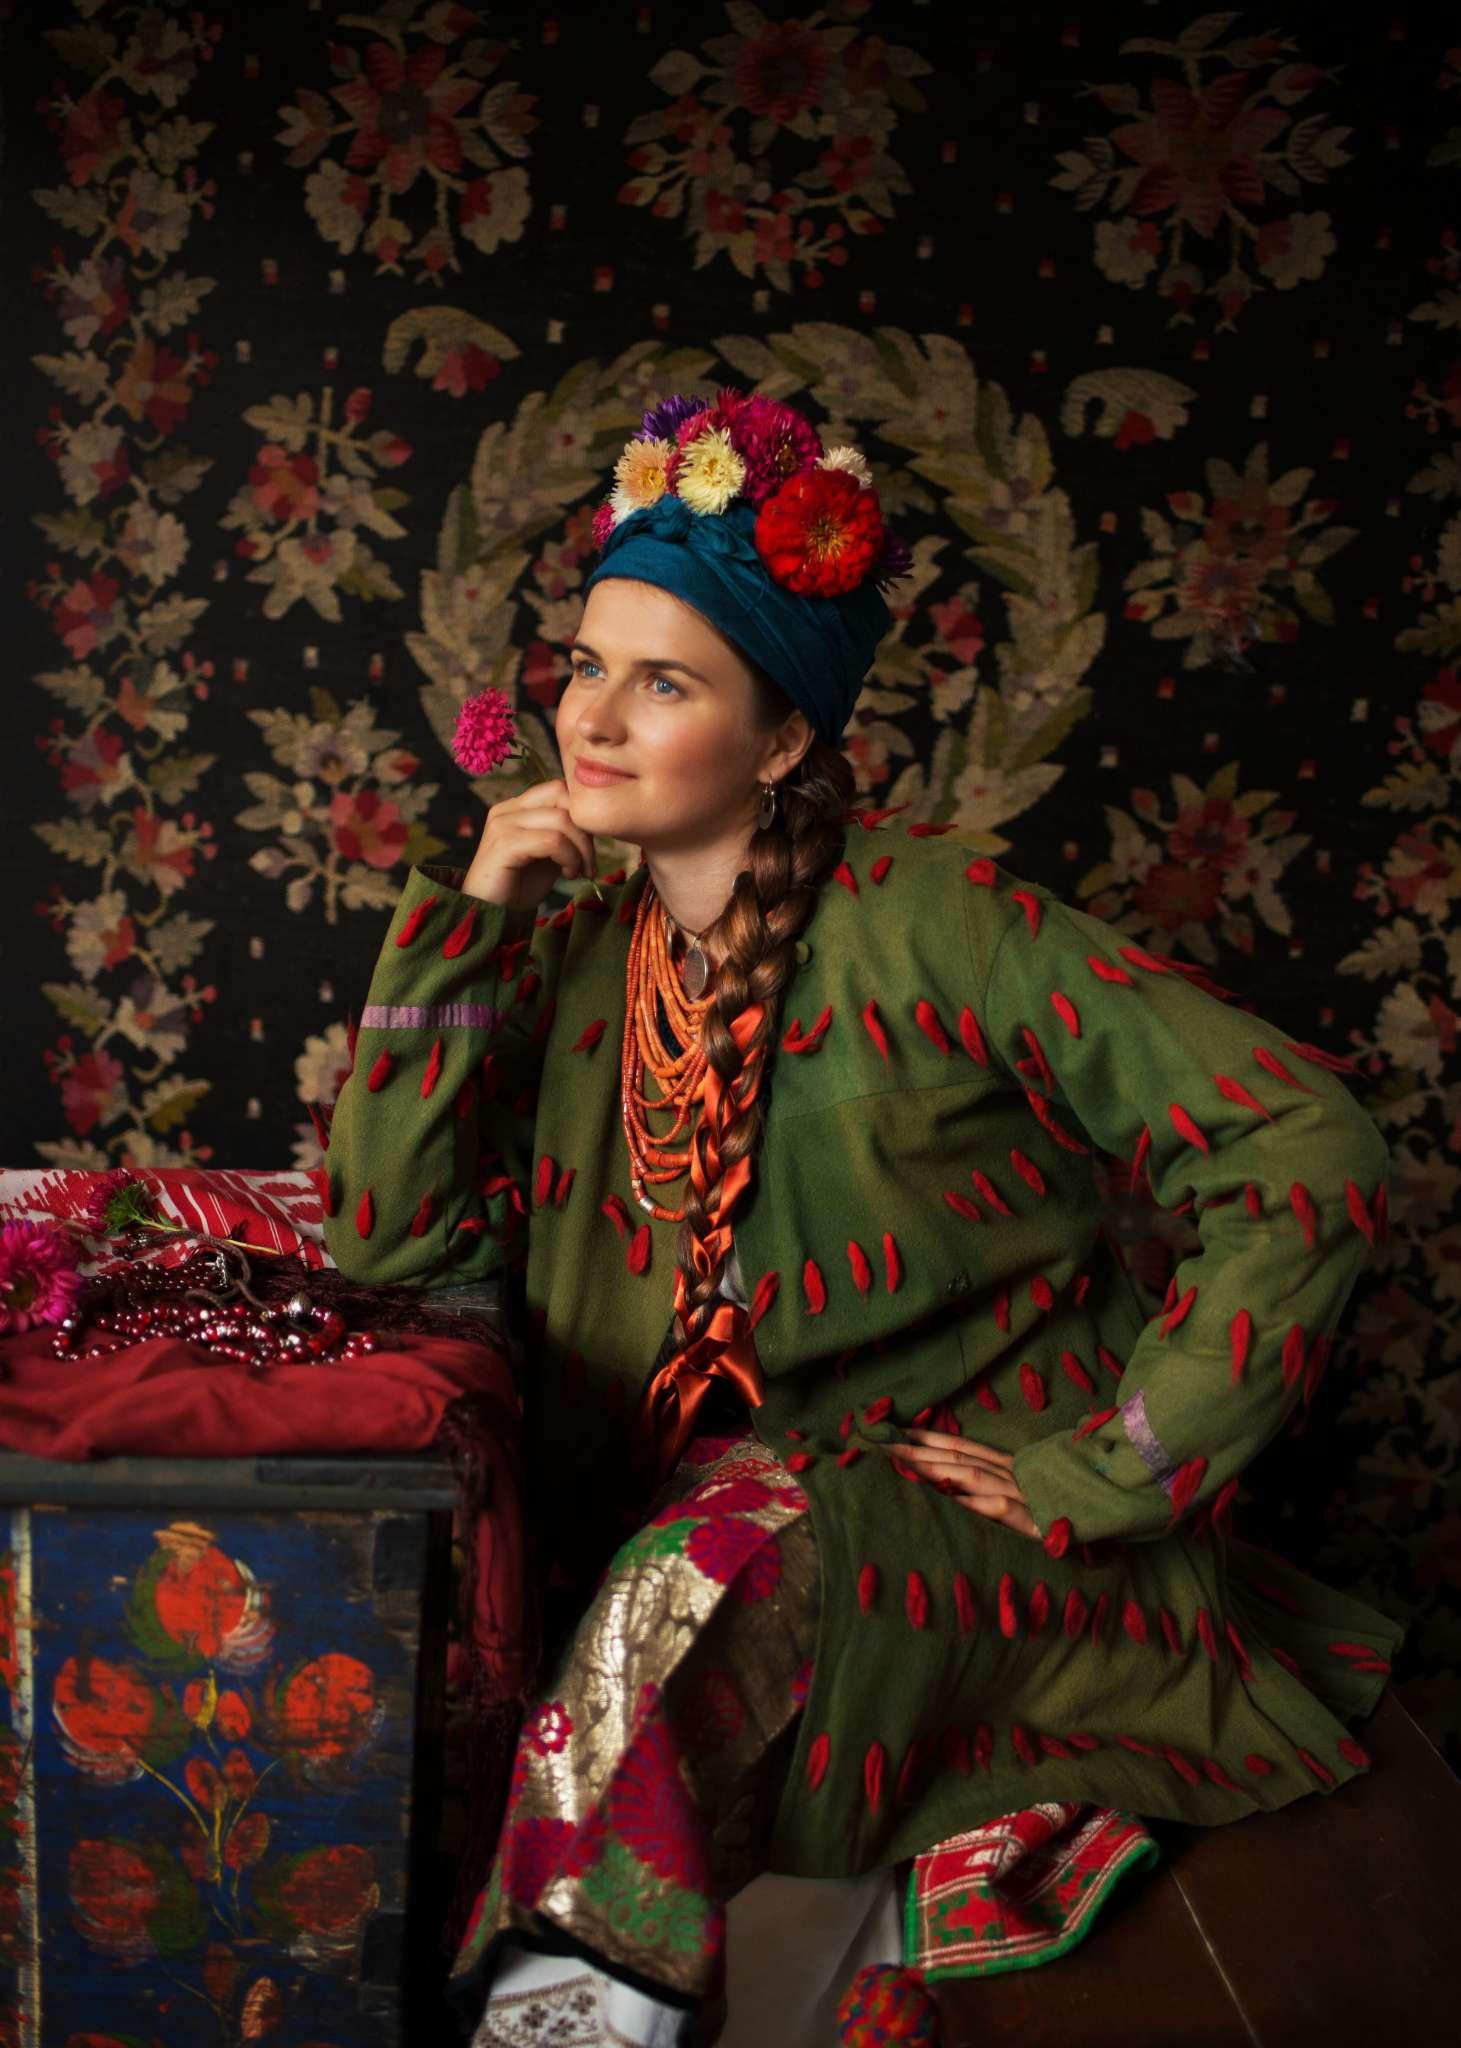 ukrainebrodee-ladna-kobieta